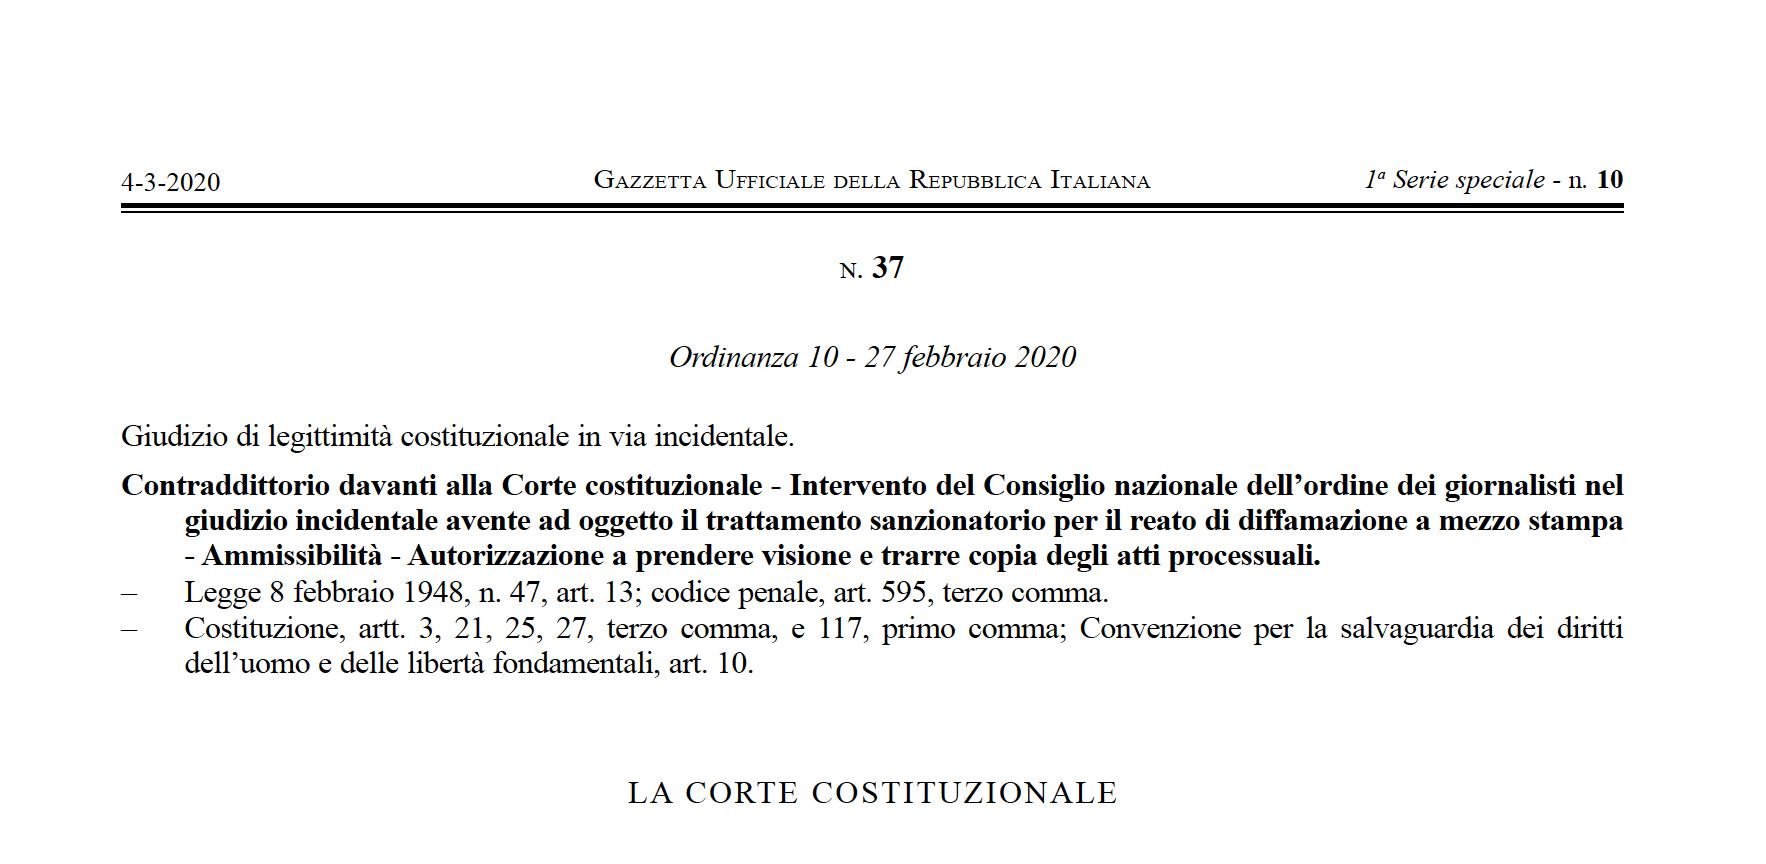 GIUDIZIO DI LEGITTIMITÀ COSTITUZIONALE IN VIA INCIDENTALE. L'INTERVENTO DEL CONSIGLIO DELL'ORDINE DEI GIORNALISTI.